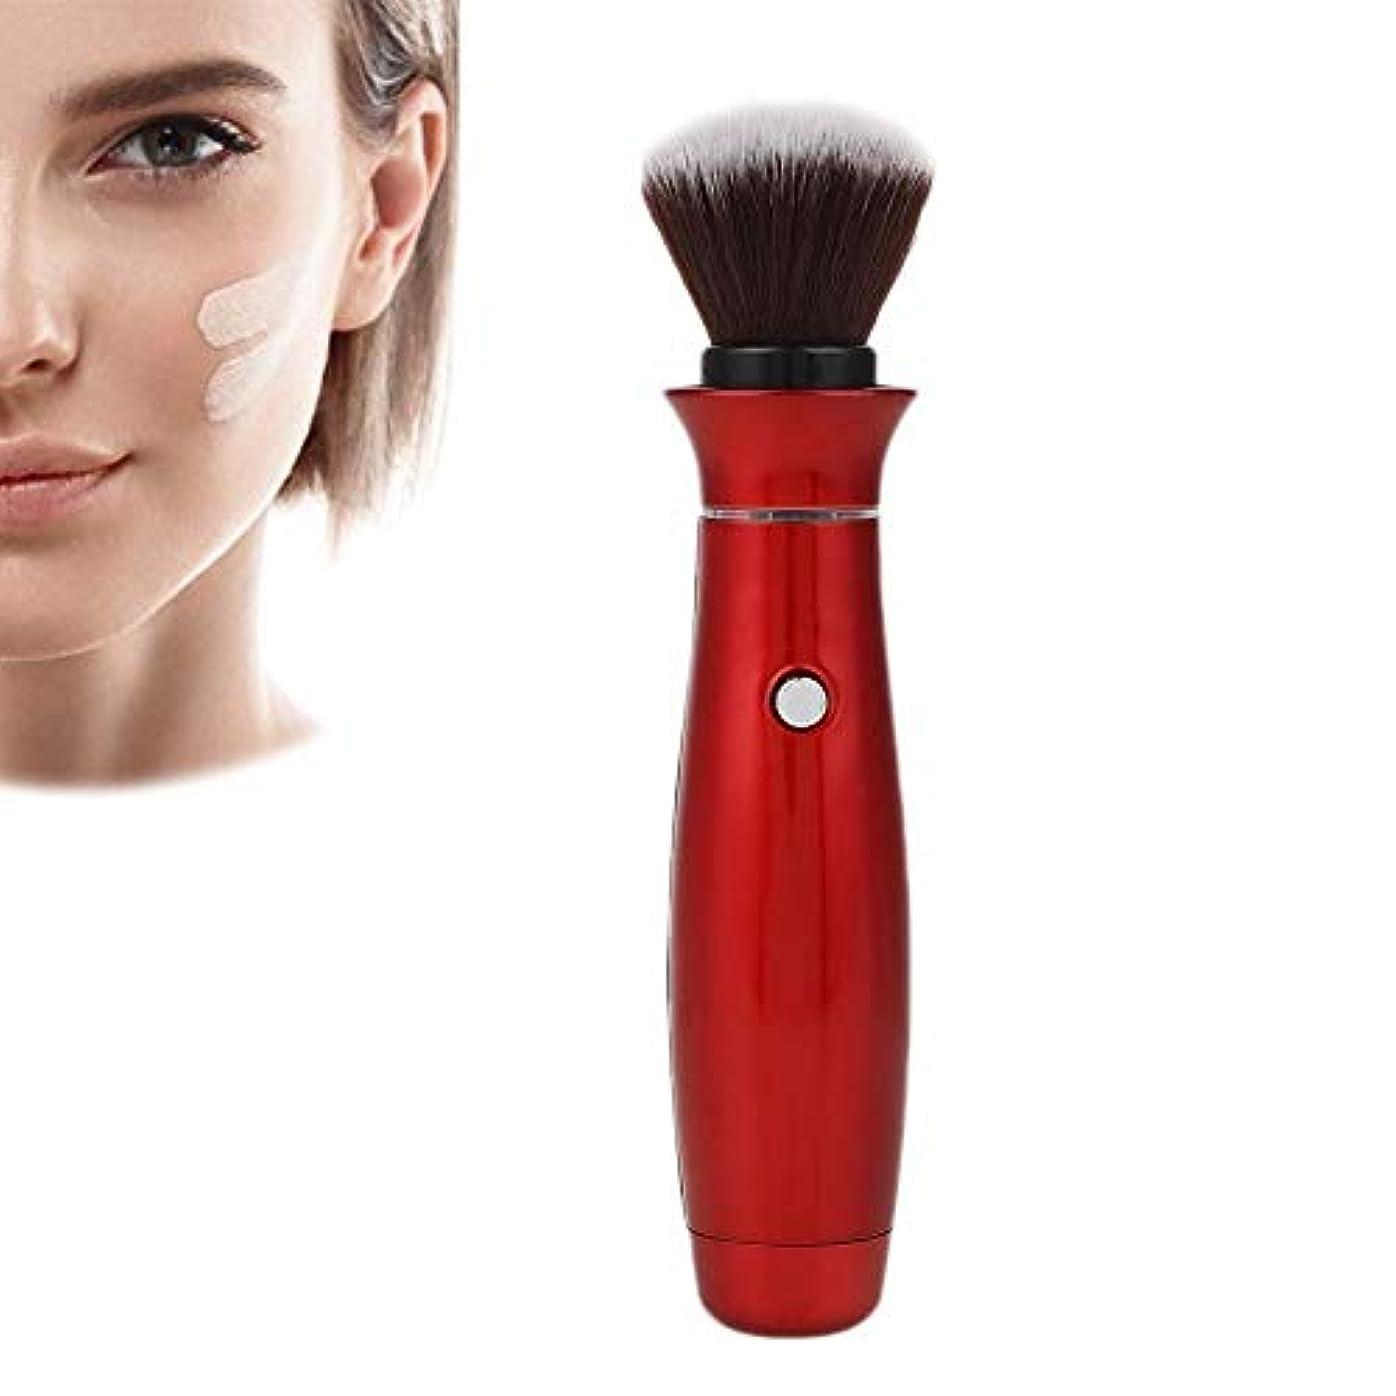 登録投げ捨てるダイジェスト新しい化粧ブラシフェイシャルマッサージブラシ電気クリーニングブラシウォッシュブラシ美容メイクアップツール